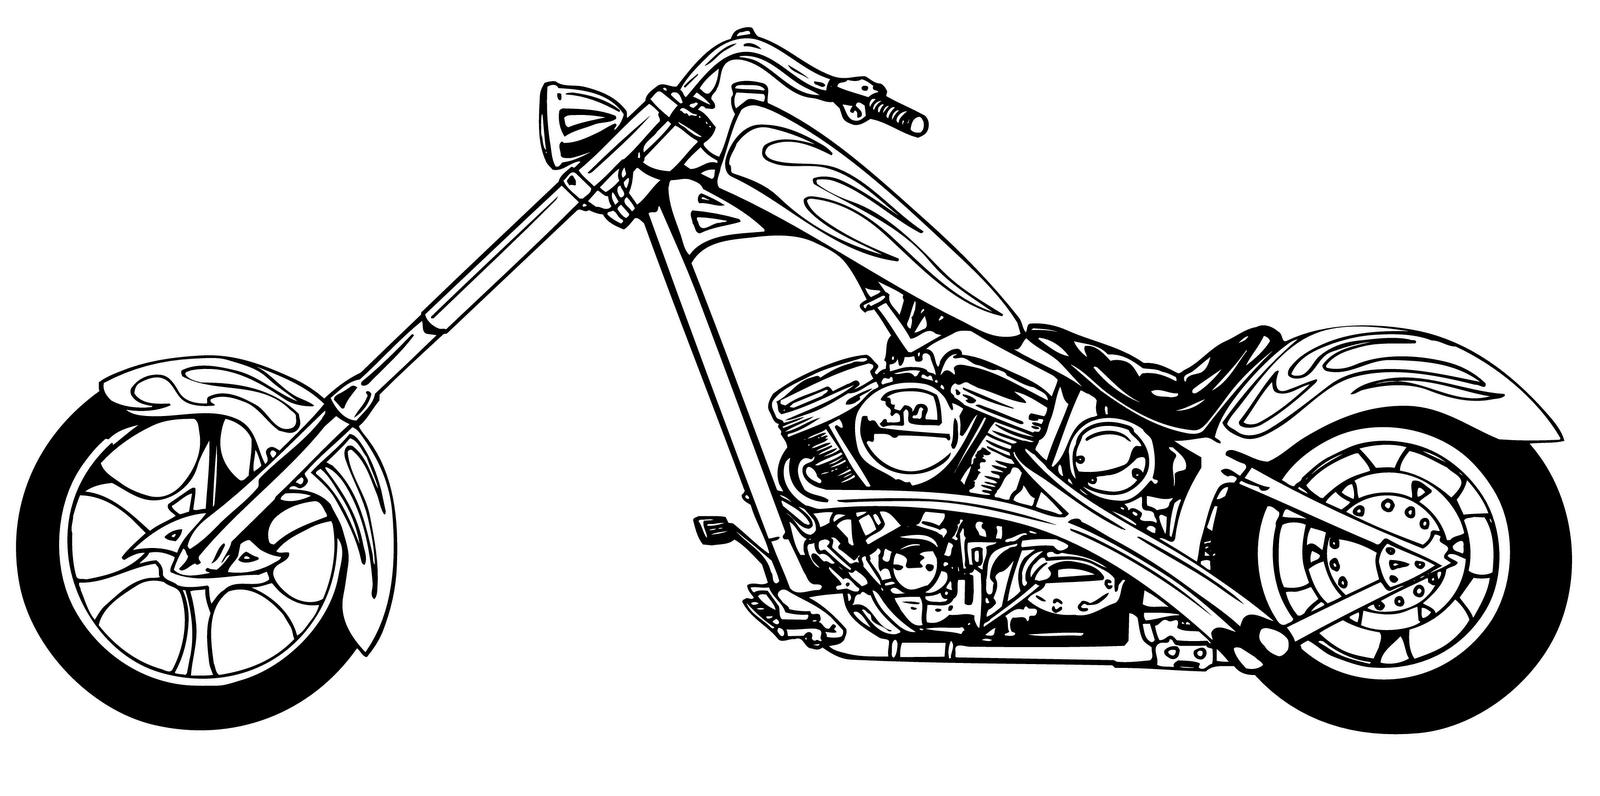 biker clipart - photo #44